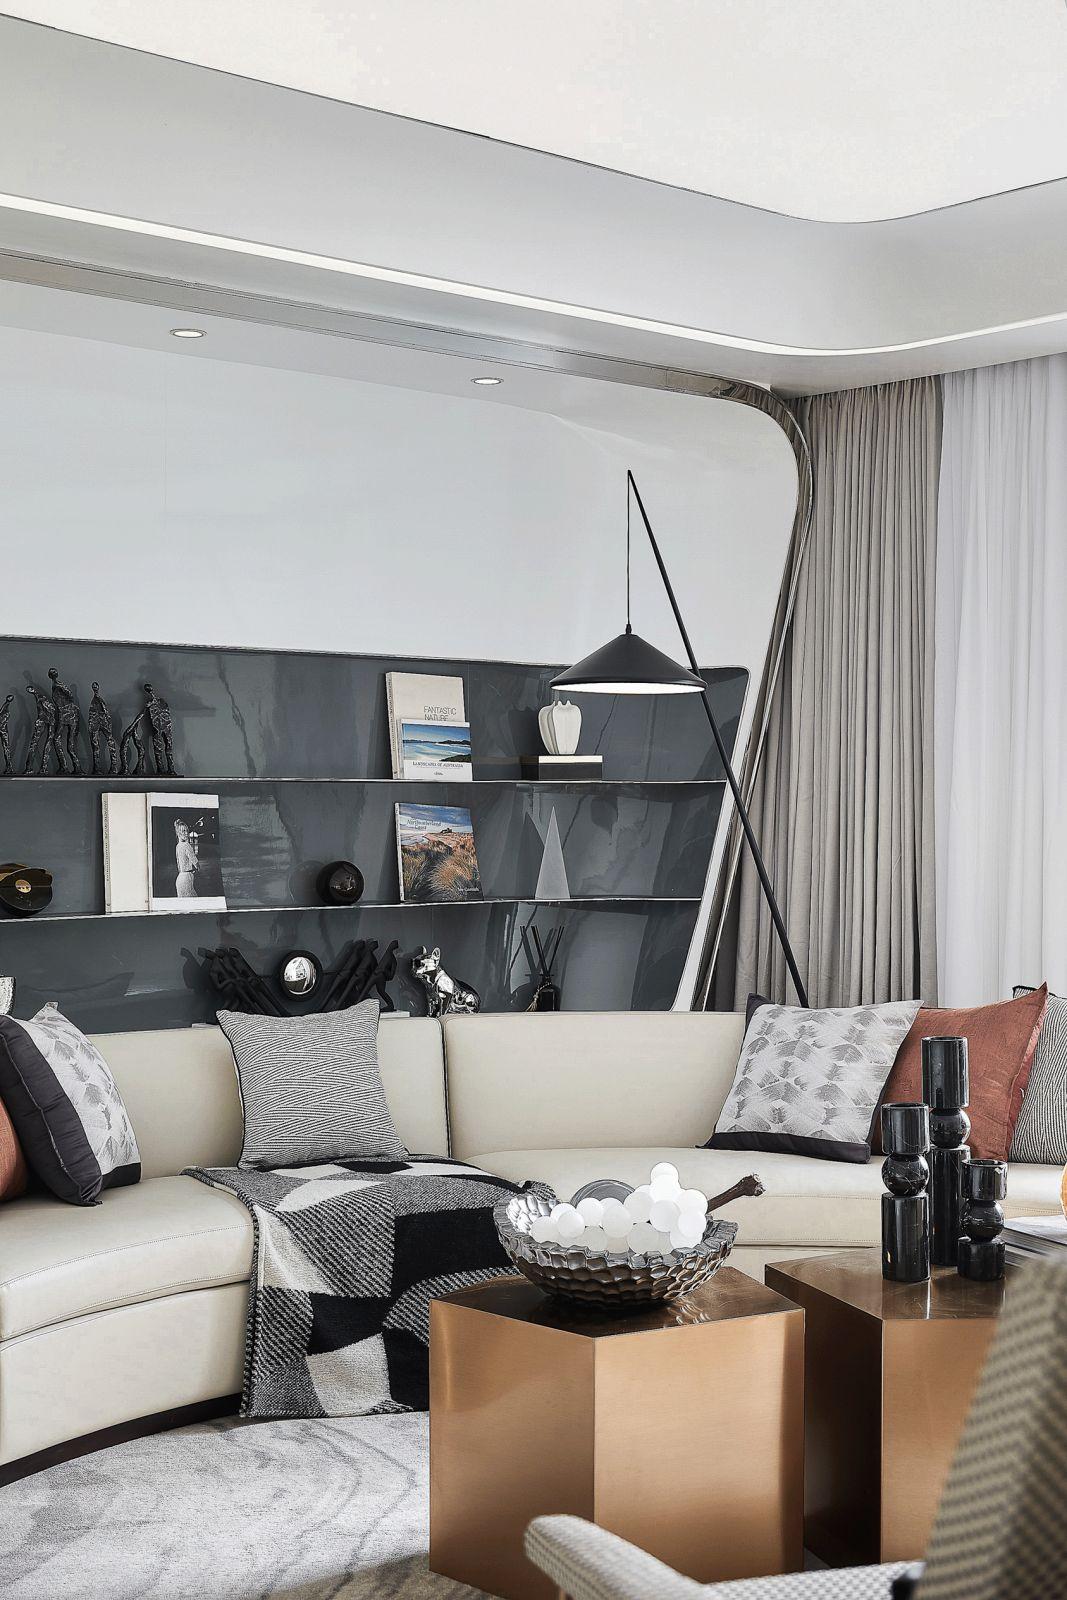 纯粹的白,轻奢简约风175m2样板房 | 朴悦设计